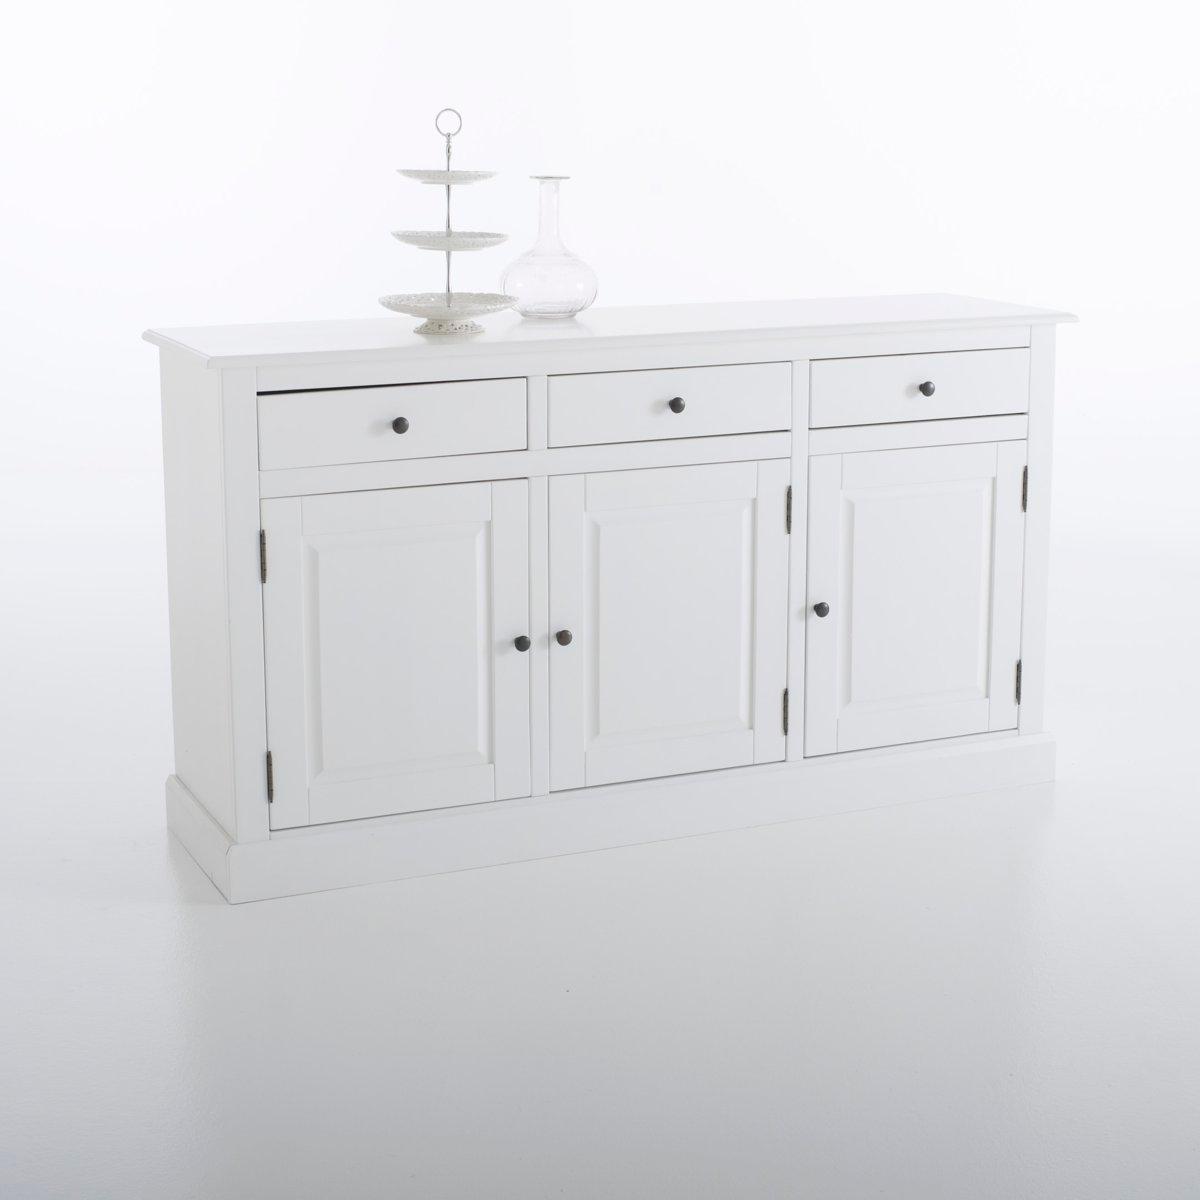 Буфет La Redoute С дверцами и ящиками Authentic Style единый размер белый m style буфет prinz